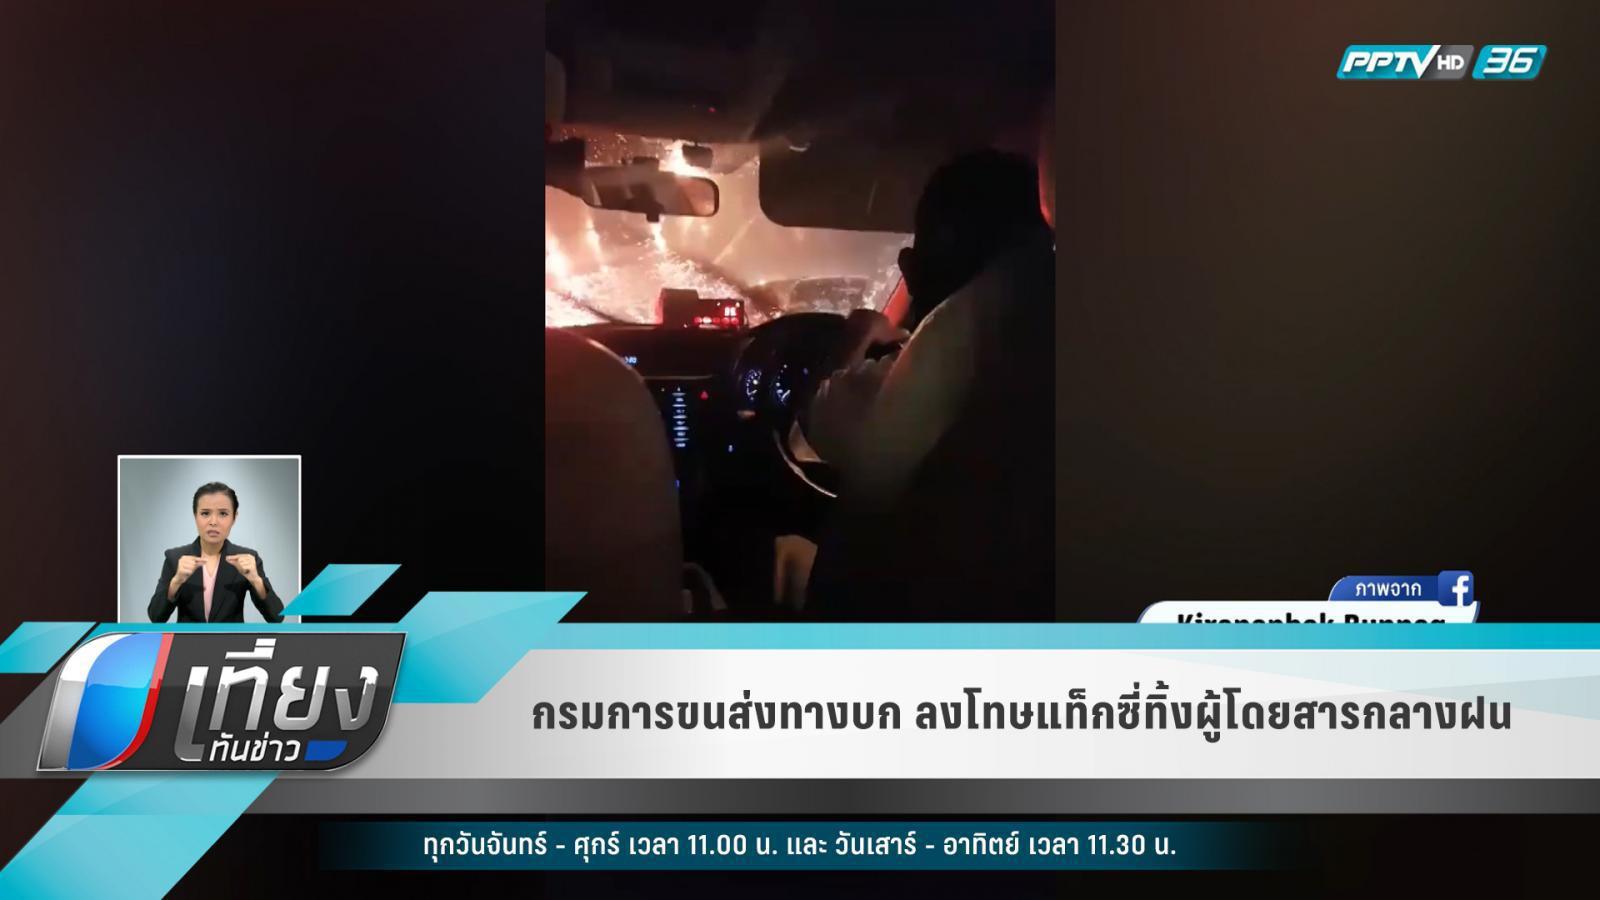 ขนส่งฯ ลงดาบแท็กซี่ทิ้งผู้โดยสารกลางสายฝน ยึดใบขับขี่ 1 เดือน ปรับ 1 พันบาท